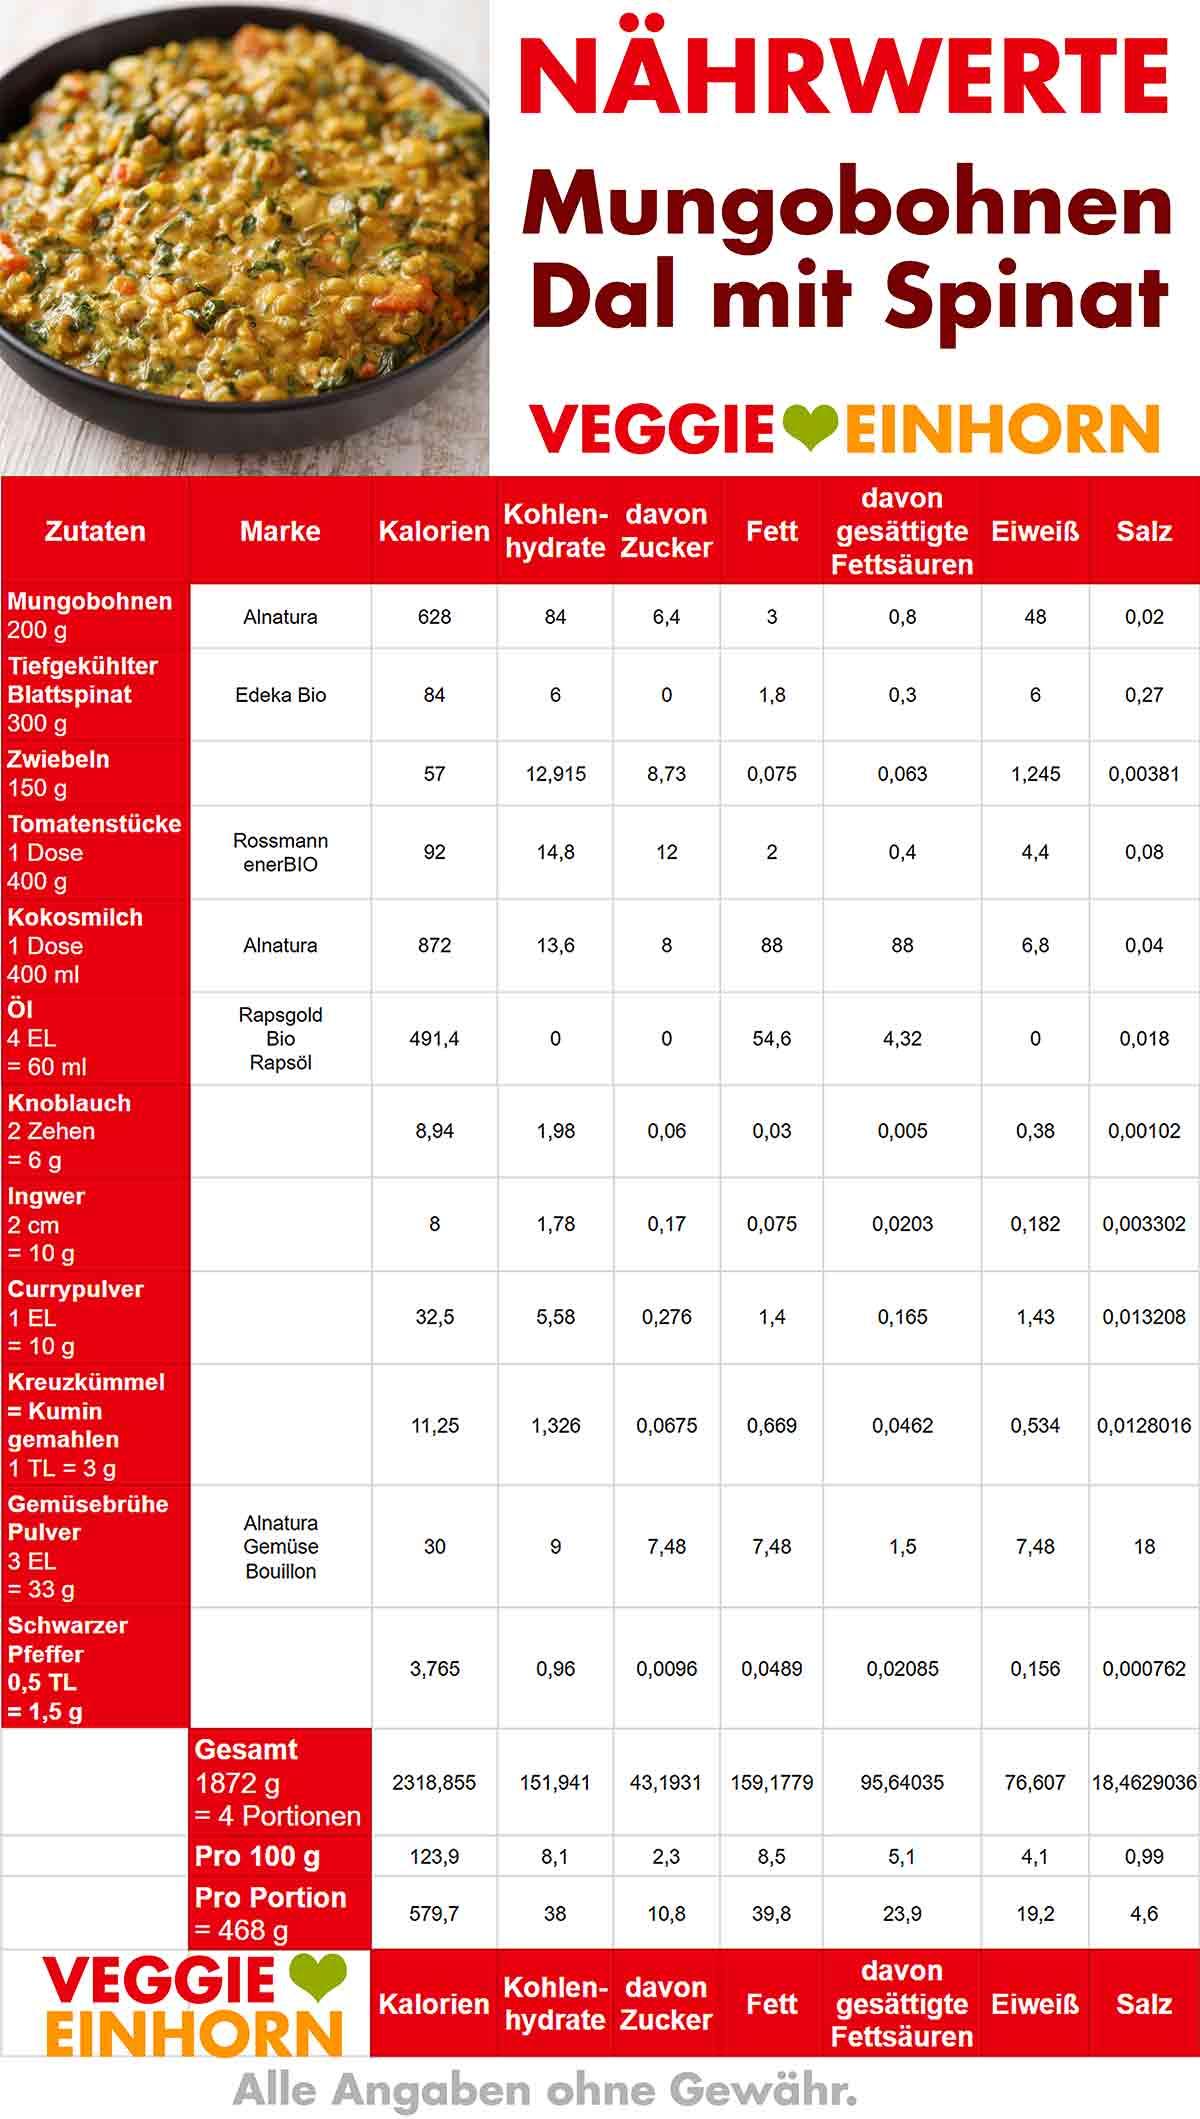 Nährwerte Tabelle von Mungobohnen Dal mit Spinat